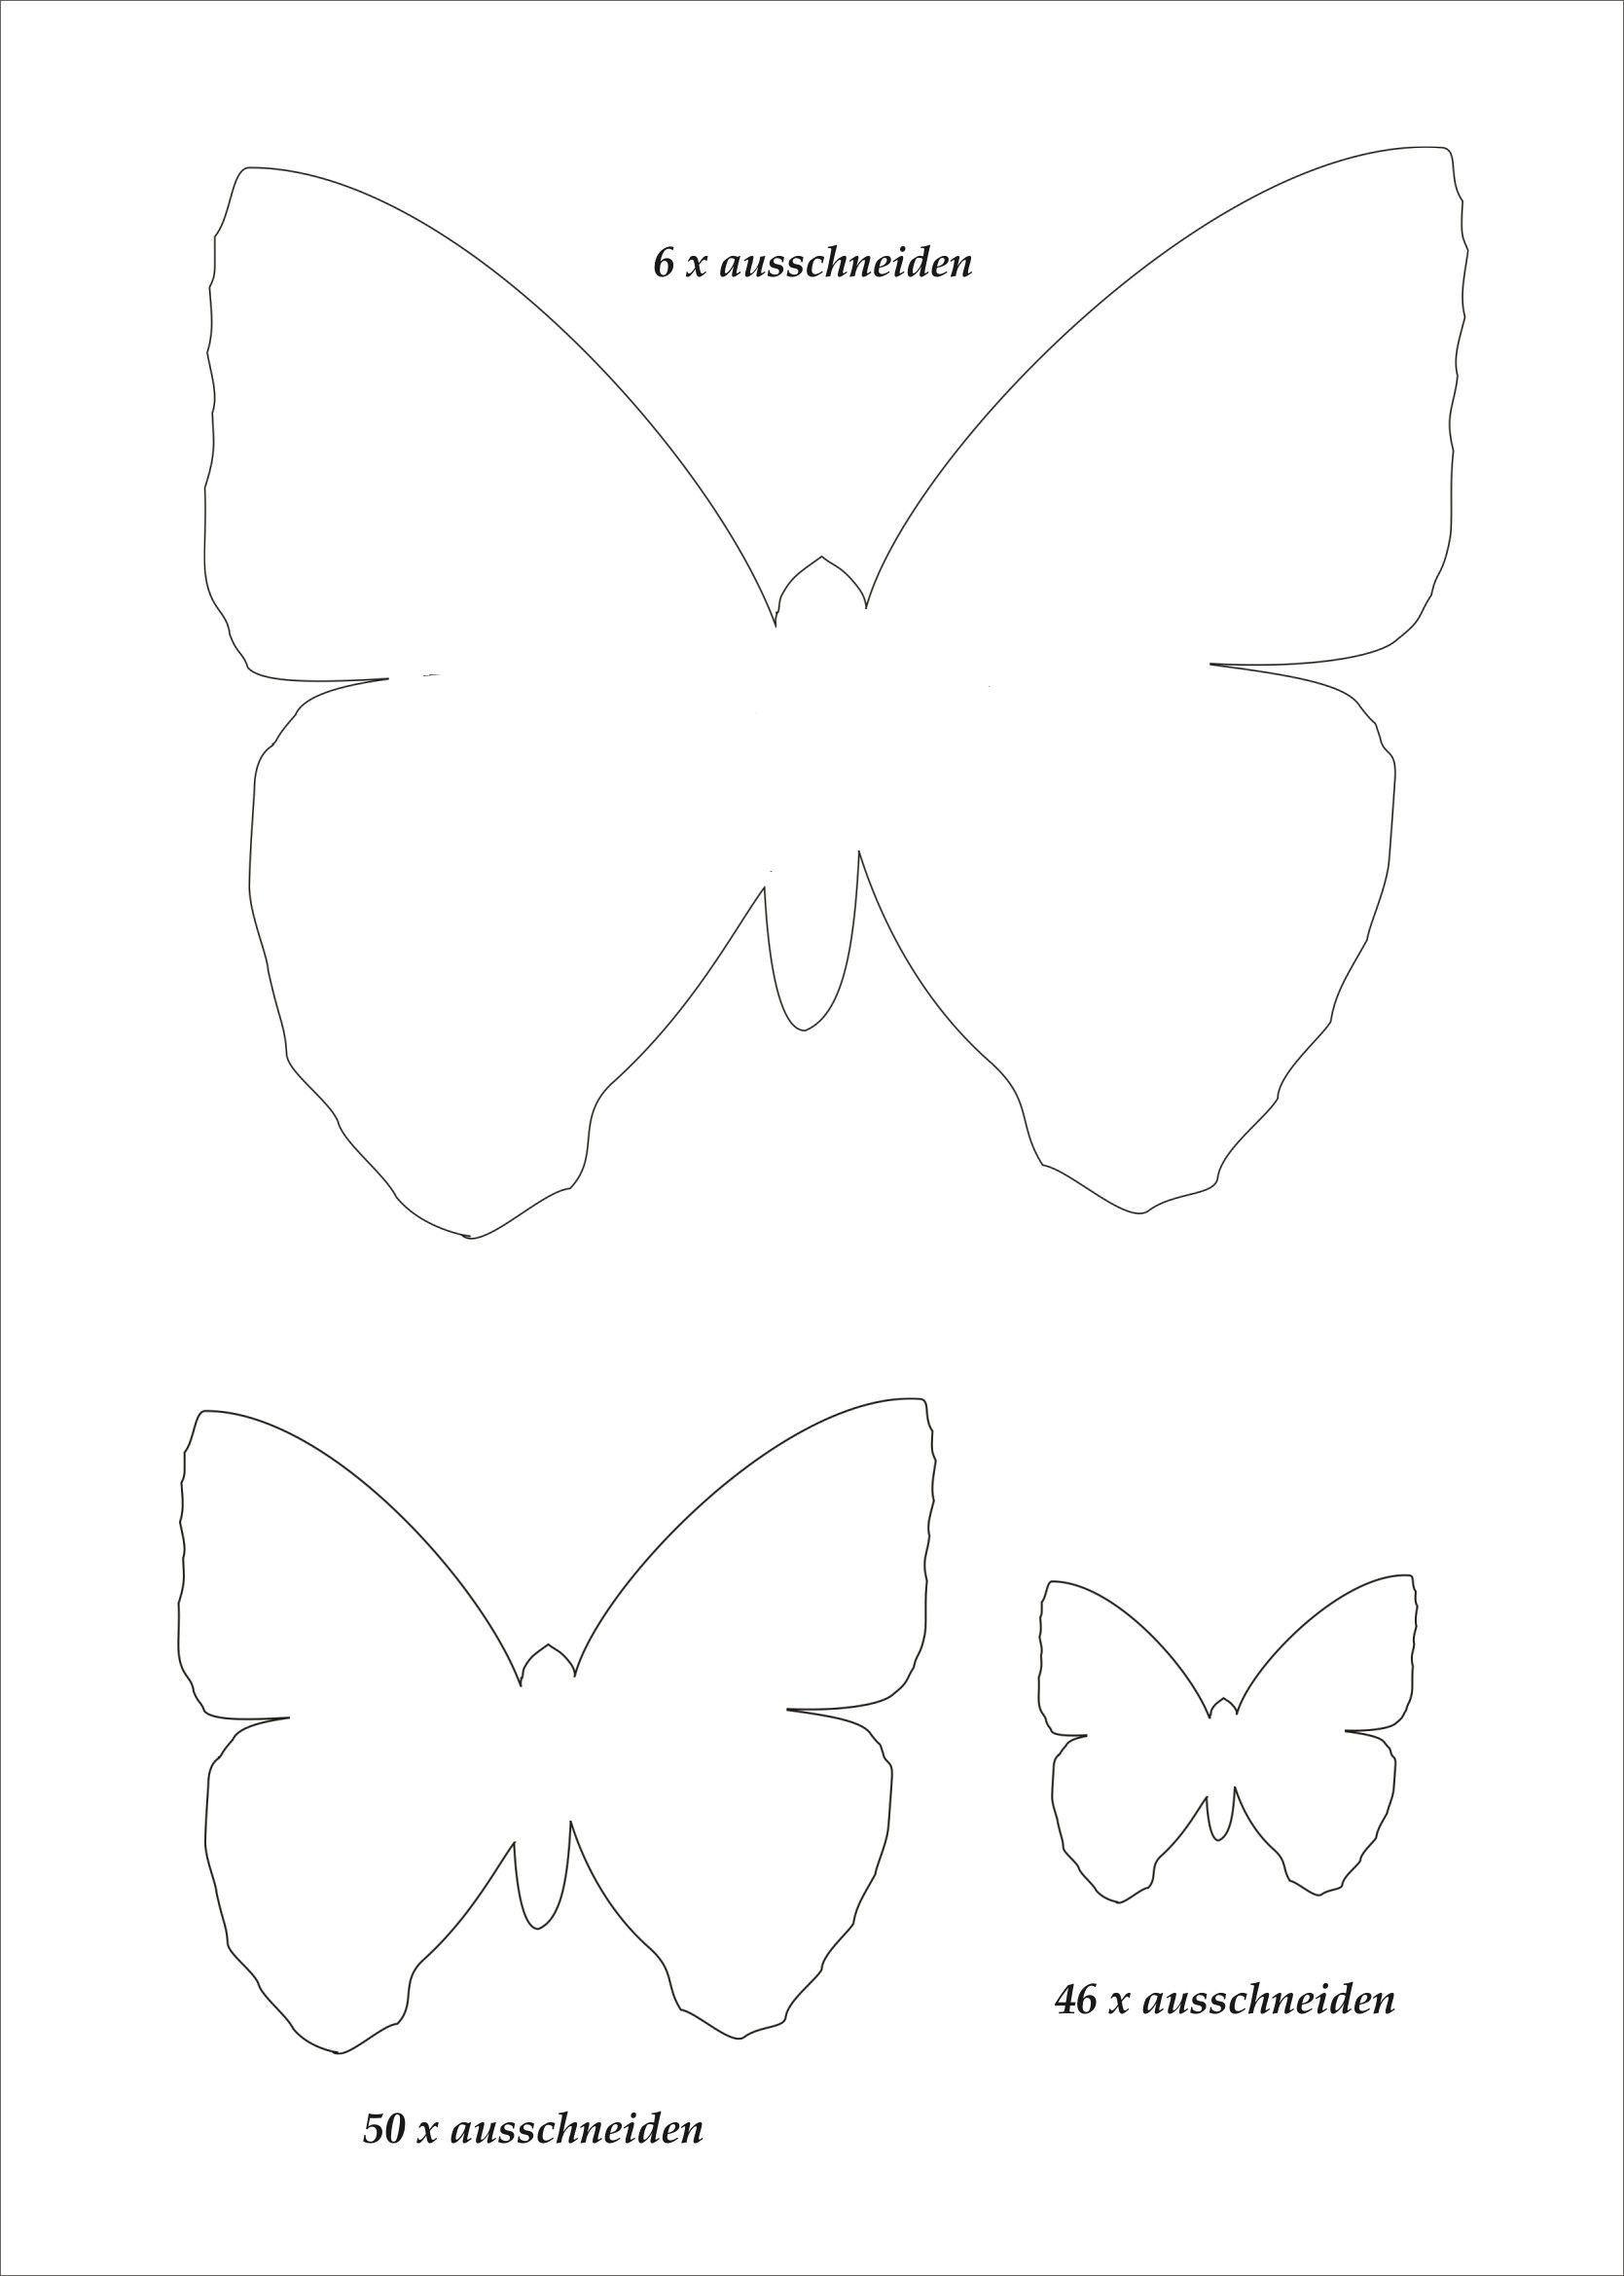 Neu Schmetterling Vorlagen In 2020 | Schmetterling Vorlage innen Schmetterlinge Vorlagen